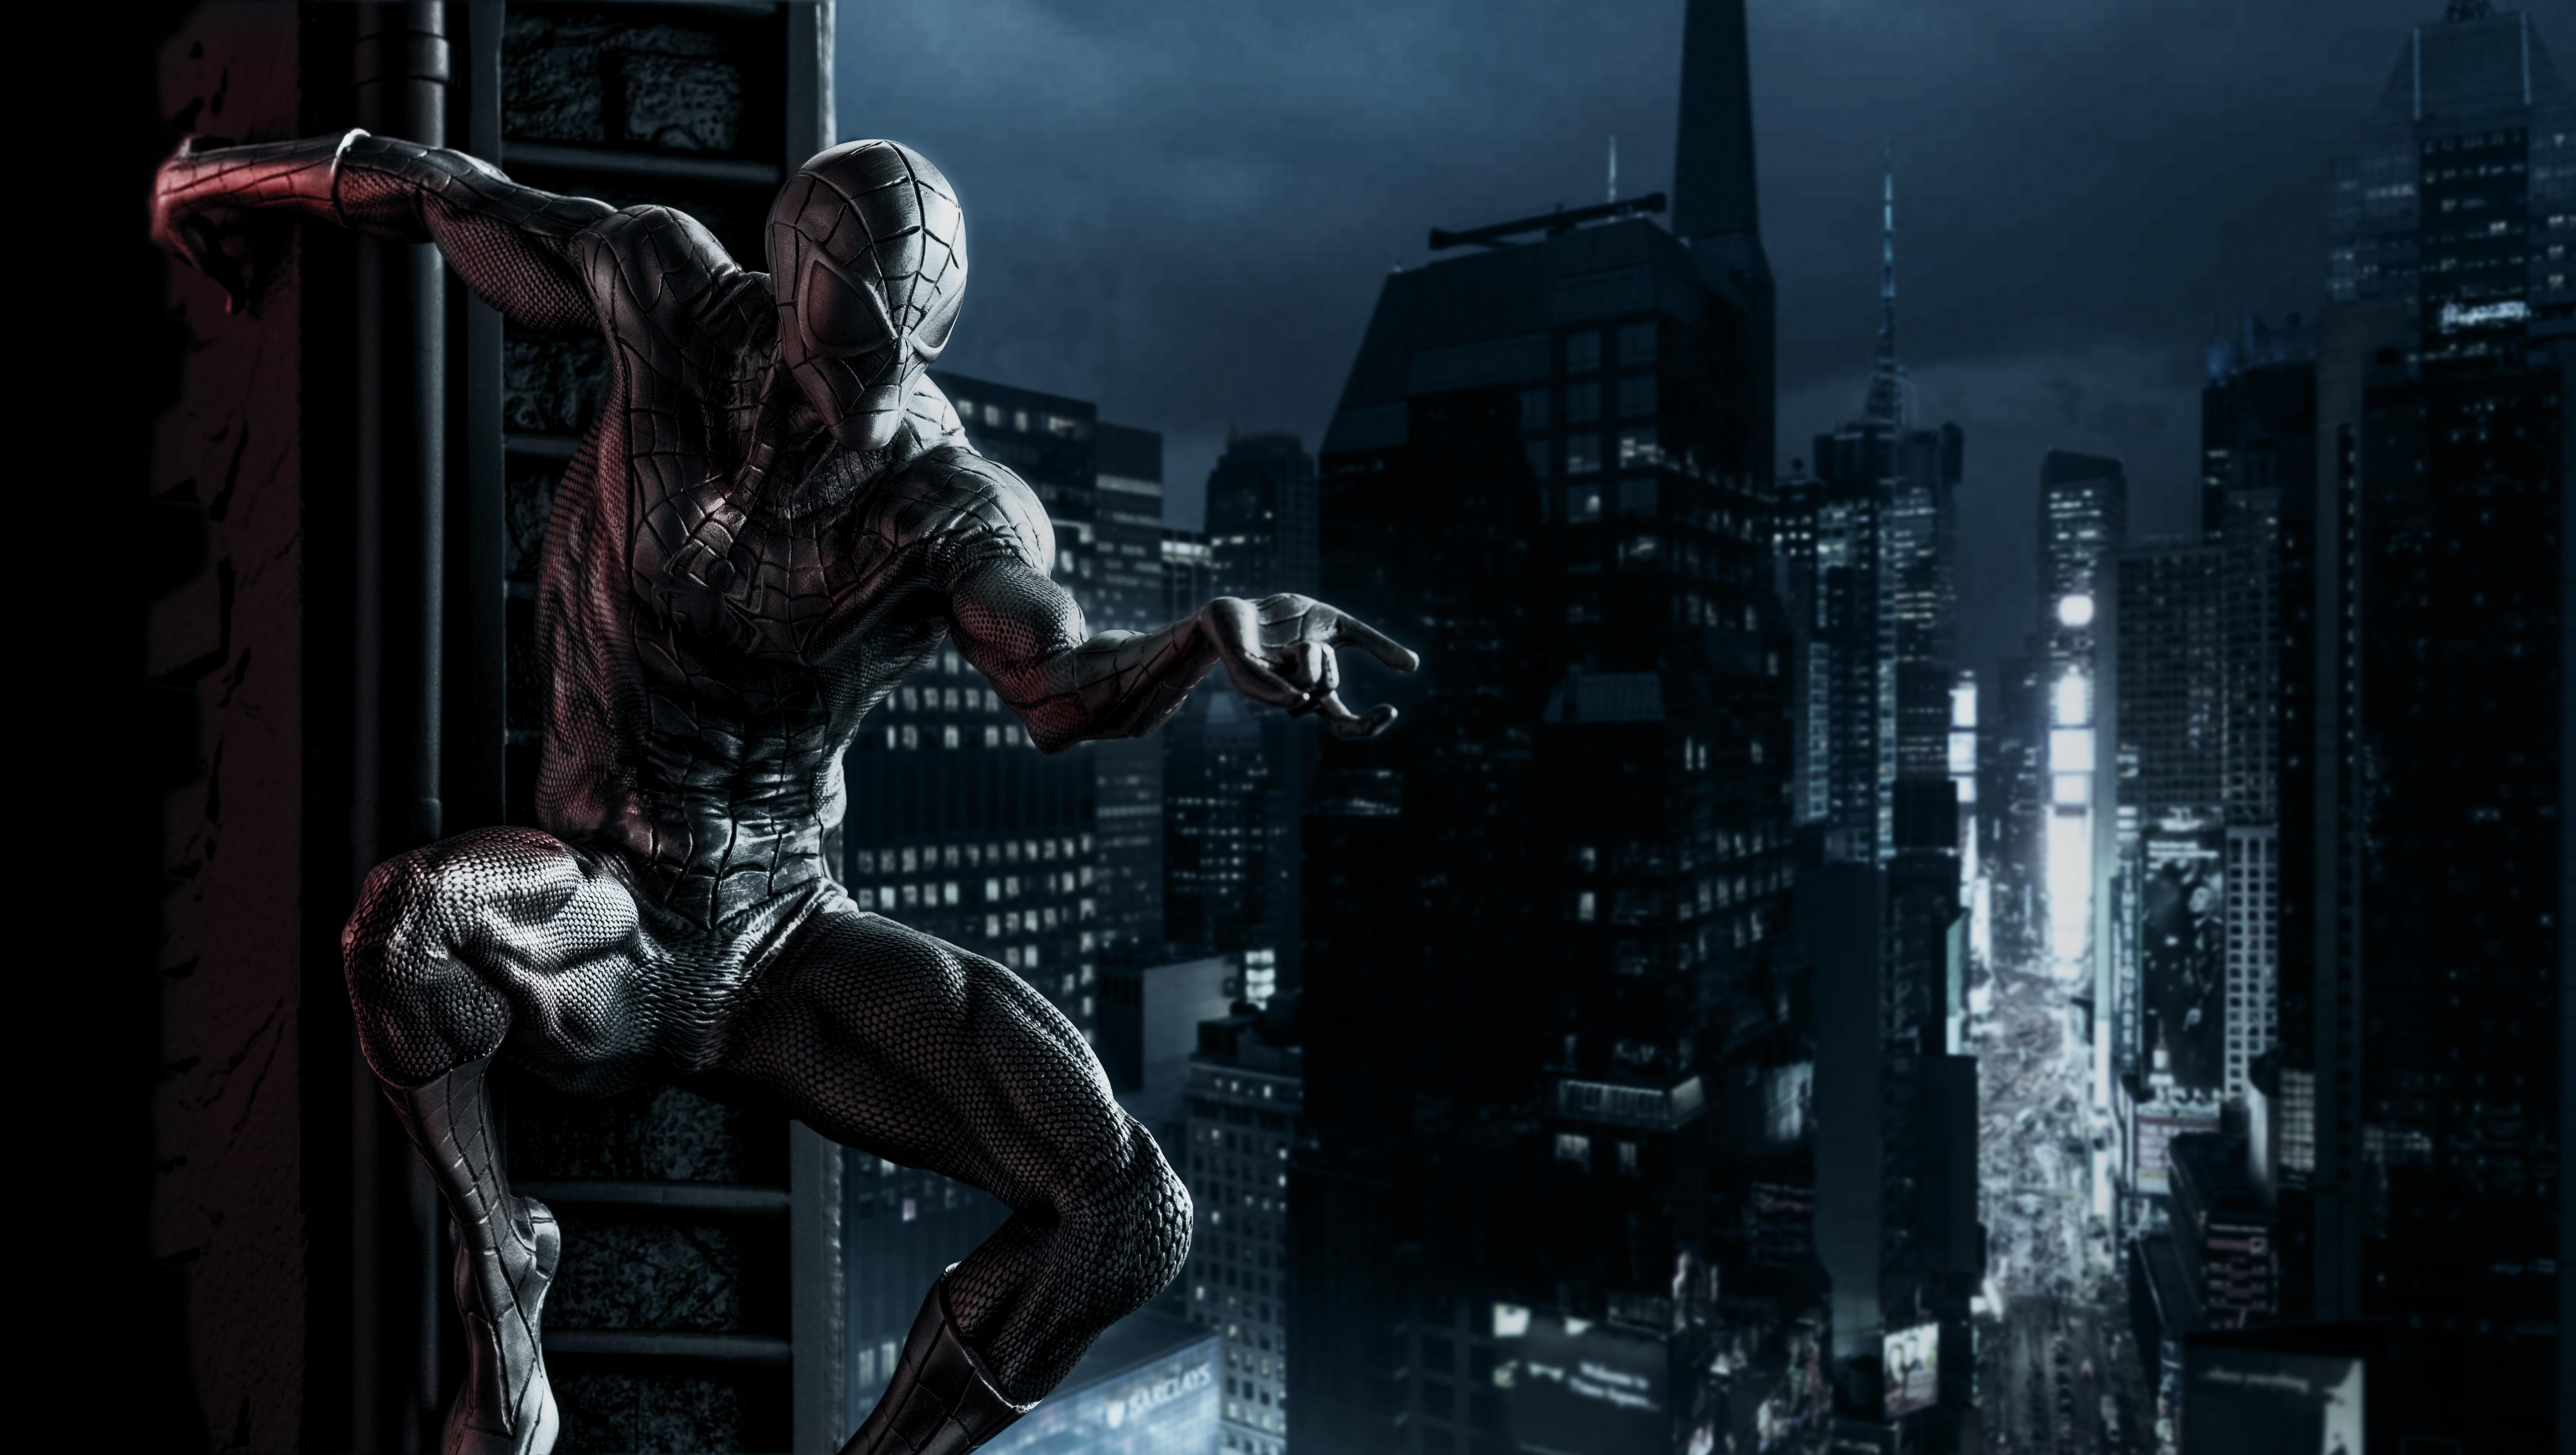 1920x1080 Black Spiderman 5k Laptop Full HD 1080P HD 4k ...